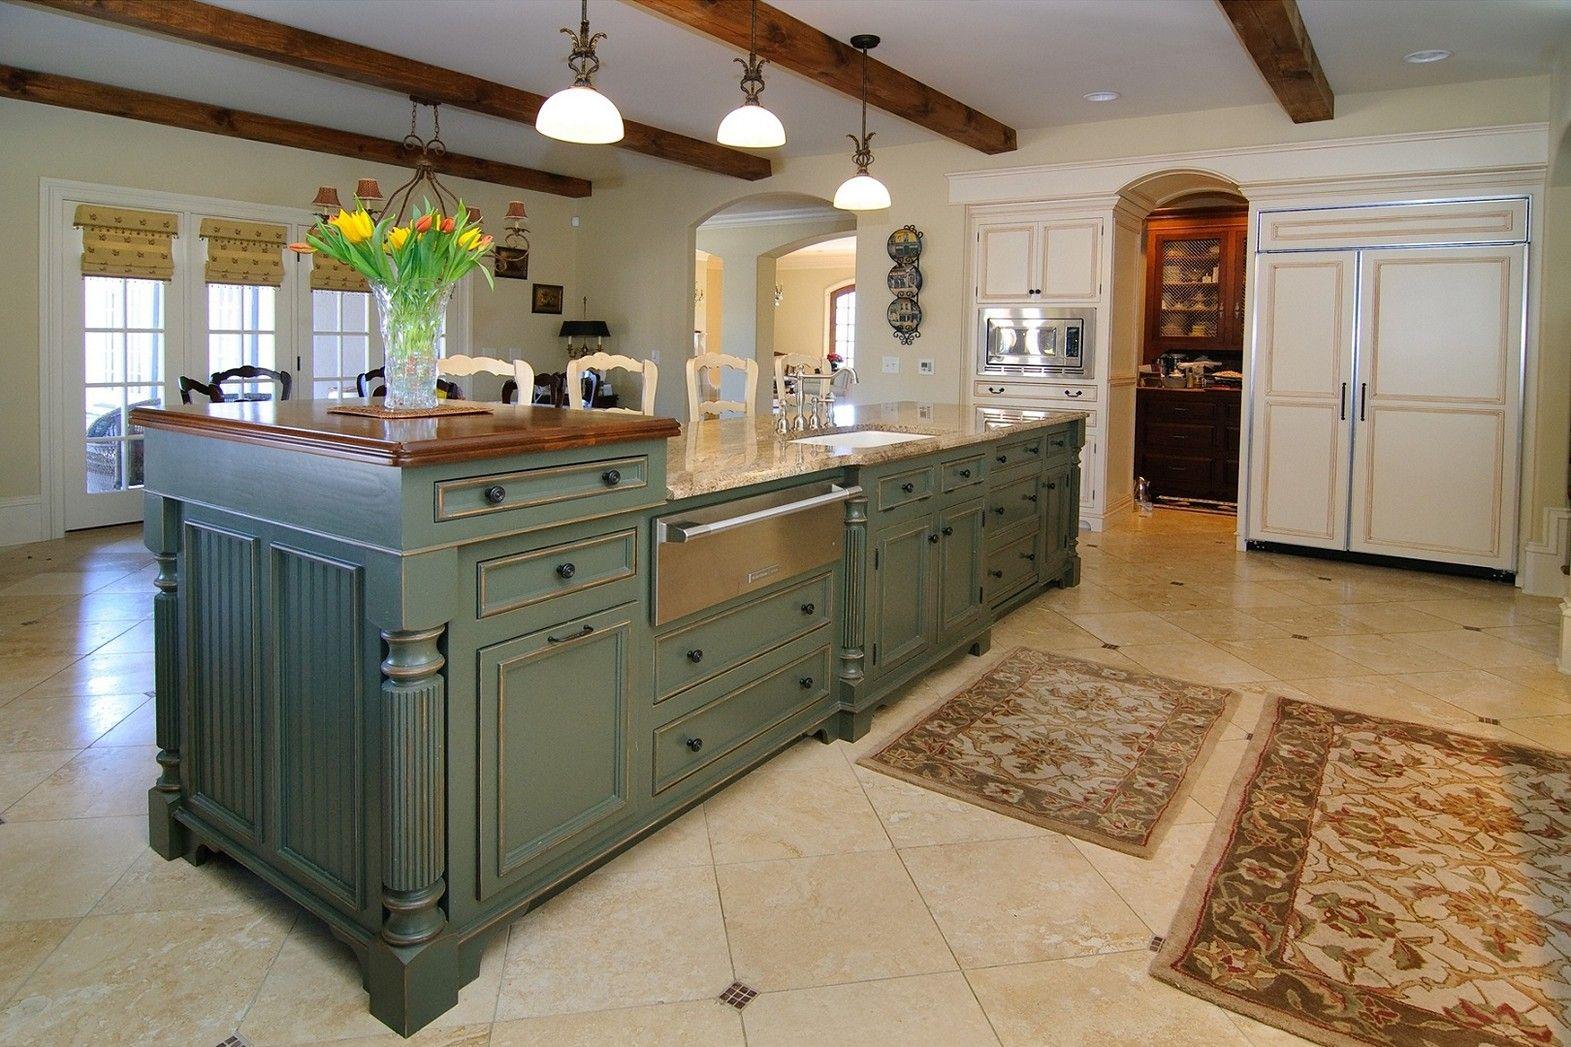 diy kitchen island with dishwasher   Google Search   Kitchen ...